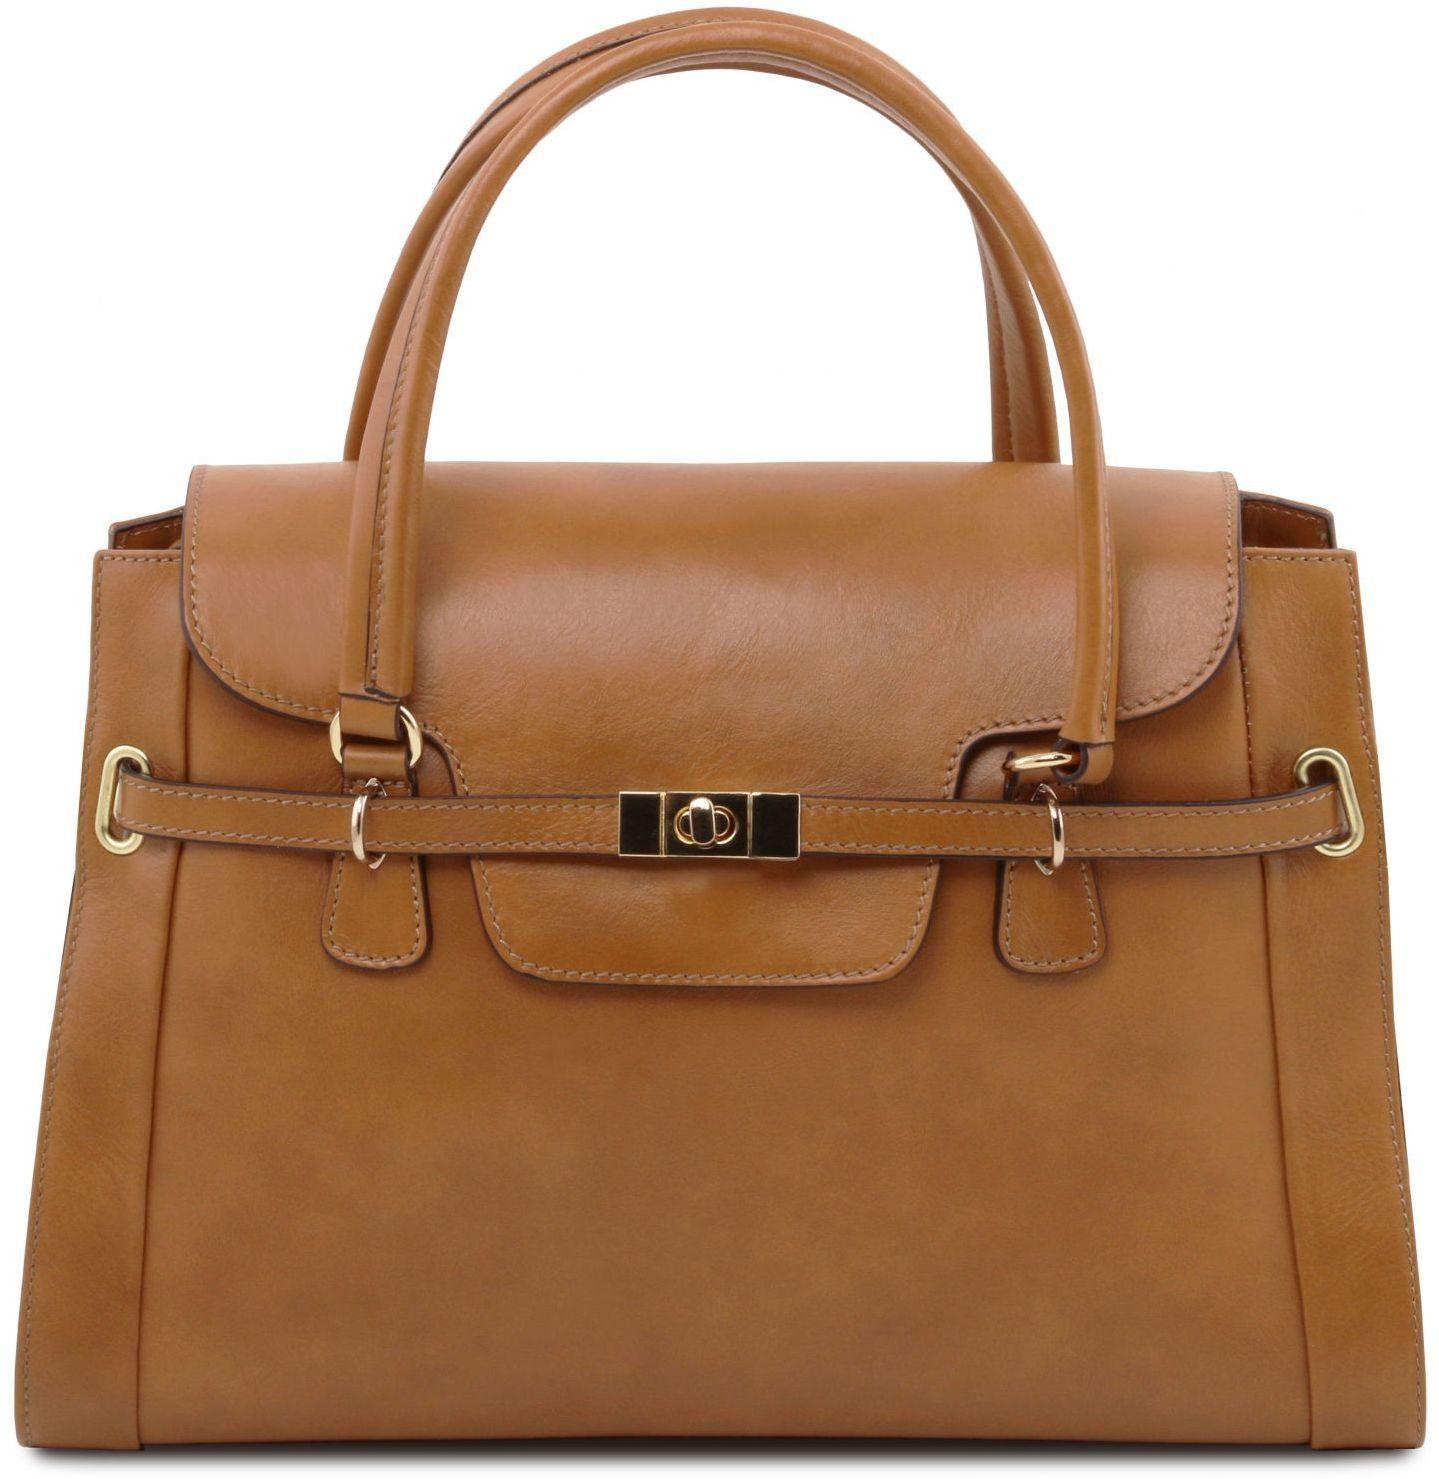 Γυναικεία Τσάντα Δερμάτινη TL NEO Classic Σταχτί σκούρο Tuscany Leather 74c64ab48d7